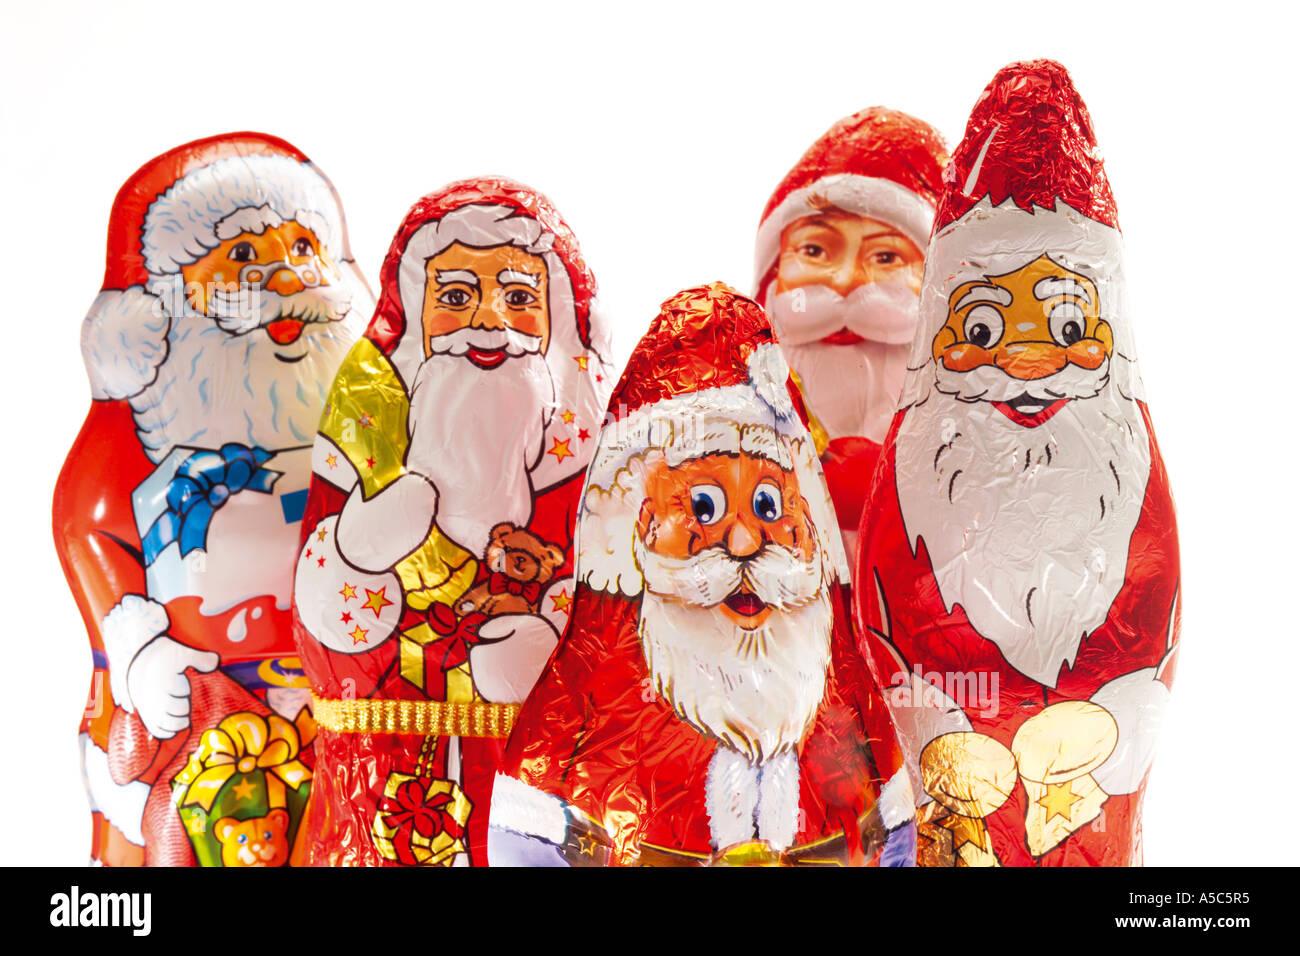 schokoladen weihnachtsm nner stockfoto bild 6437940 alamy. Black Bedroom Furniture Sets. Home Design Ideas